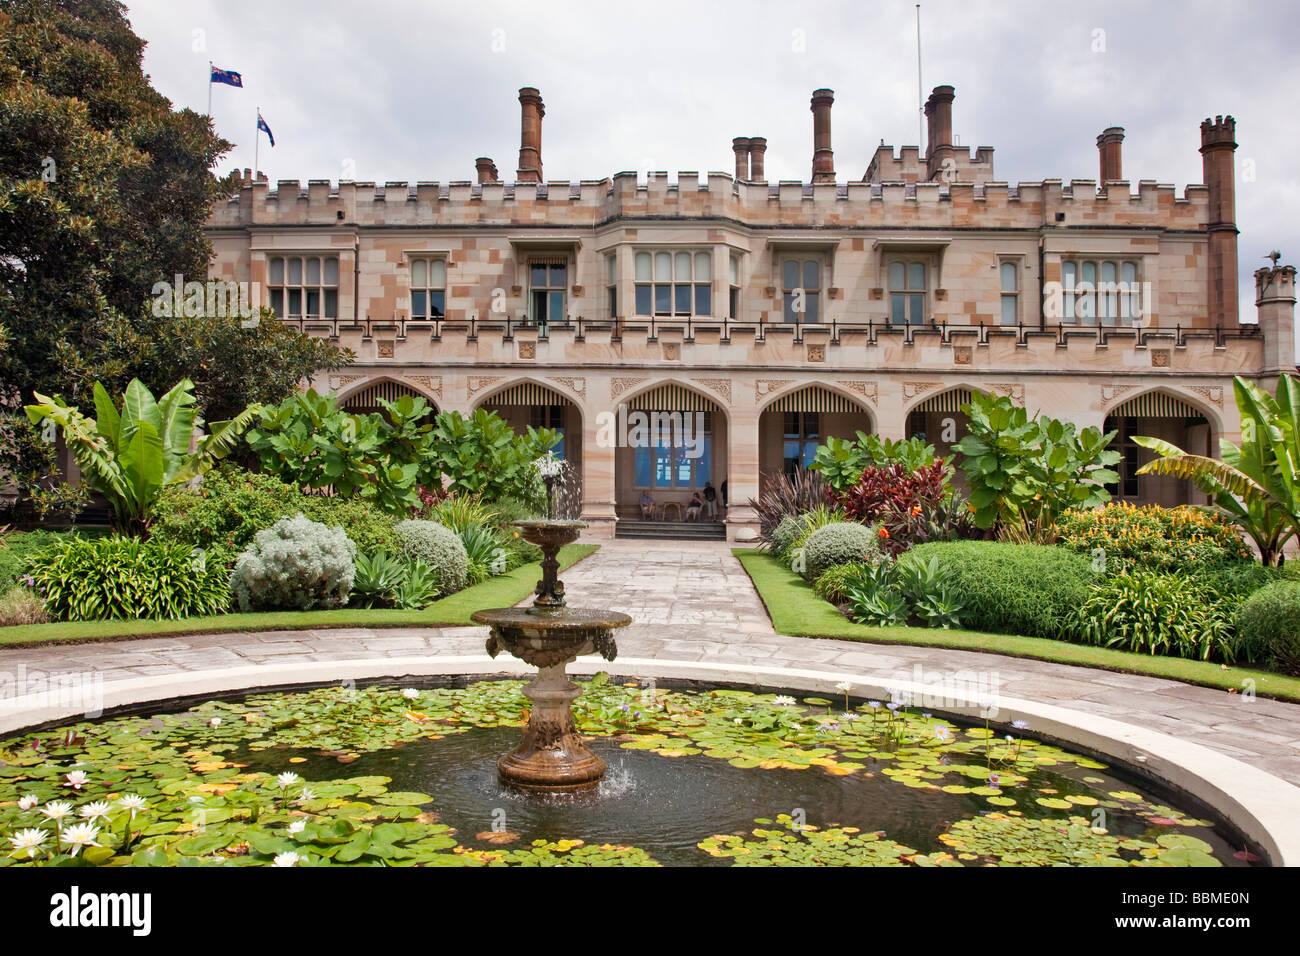 New South Wales in Australien. Regierung Haus von New South Wales befindet sich in den Royal Botanic Gardens. Stockbild